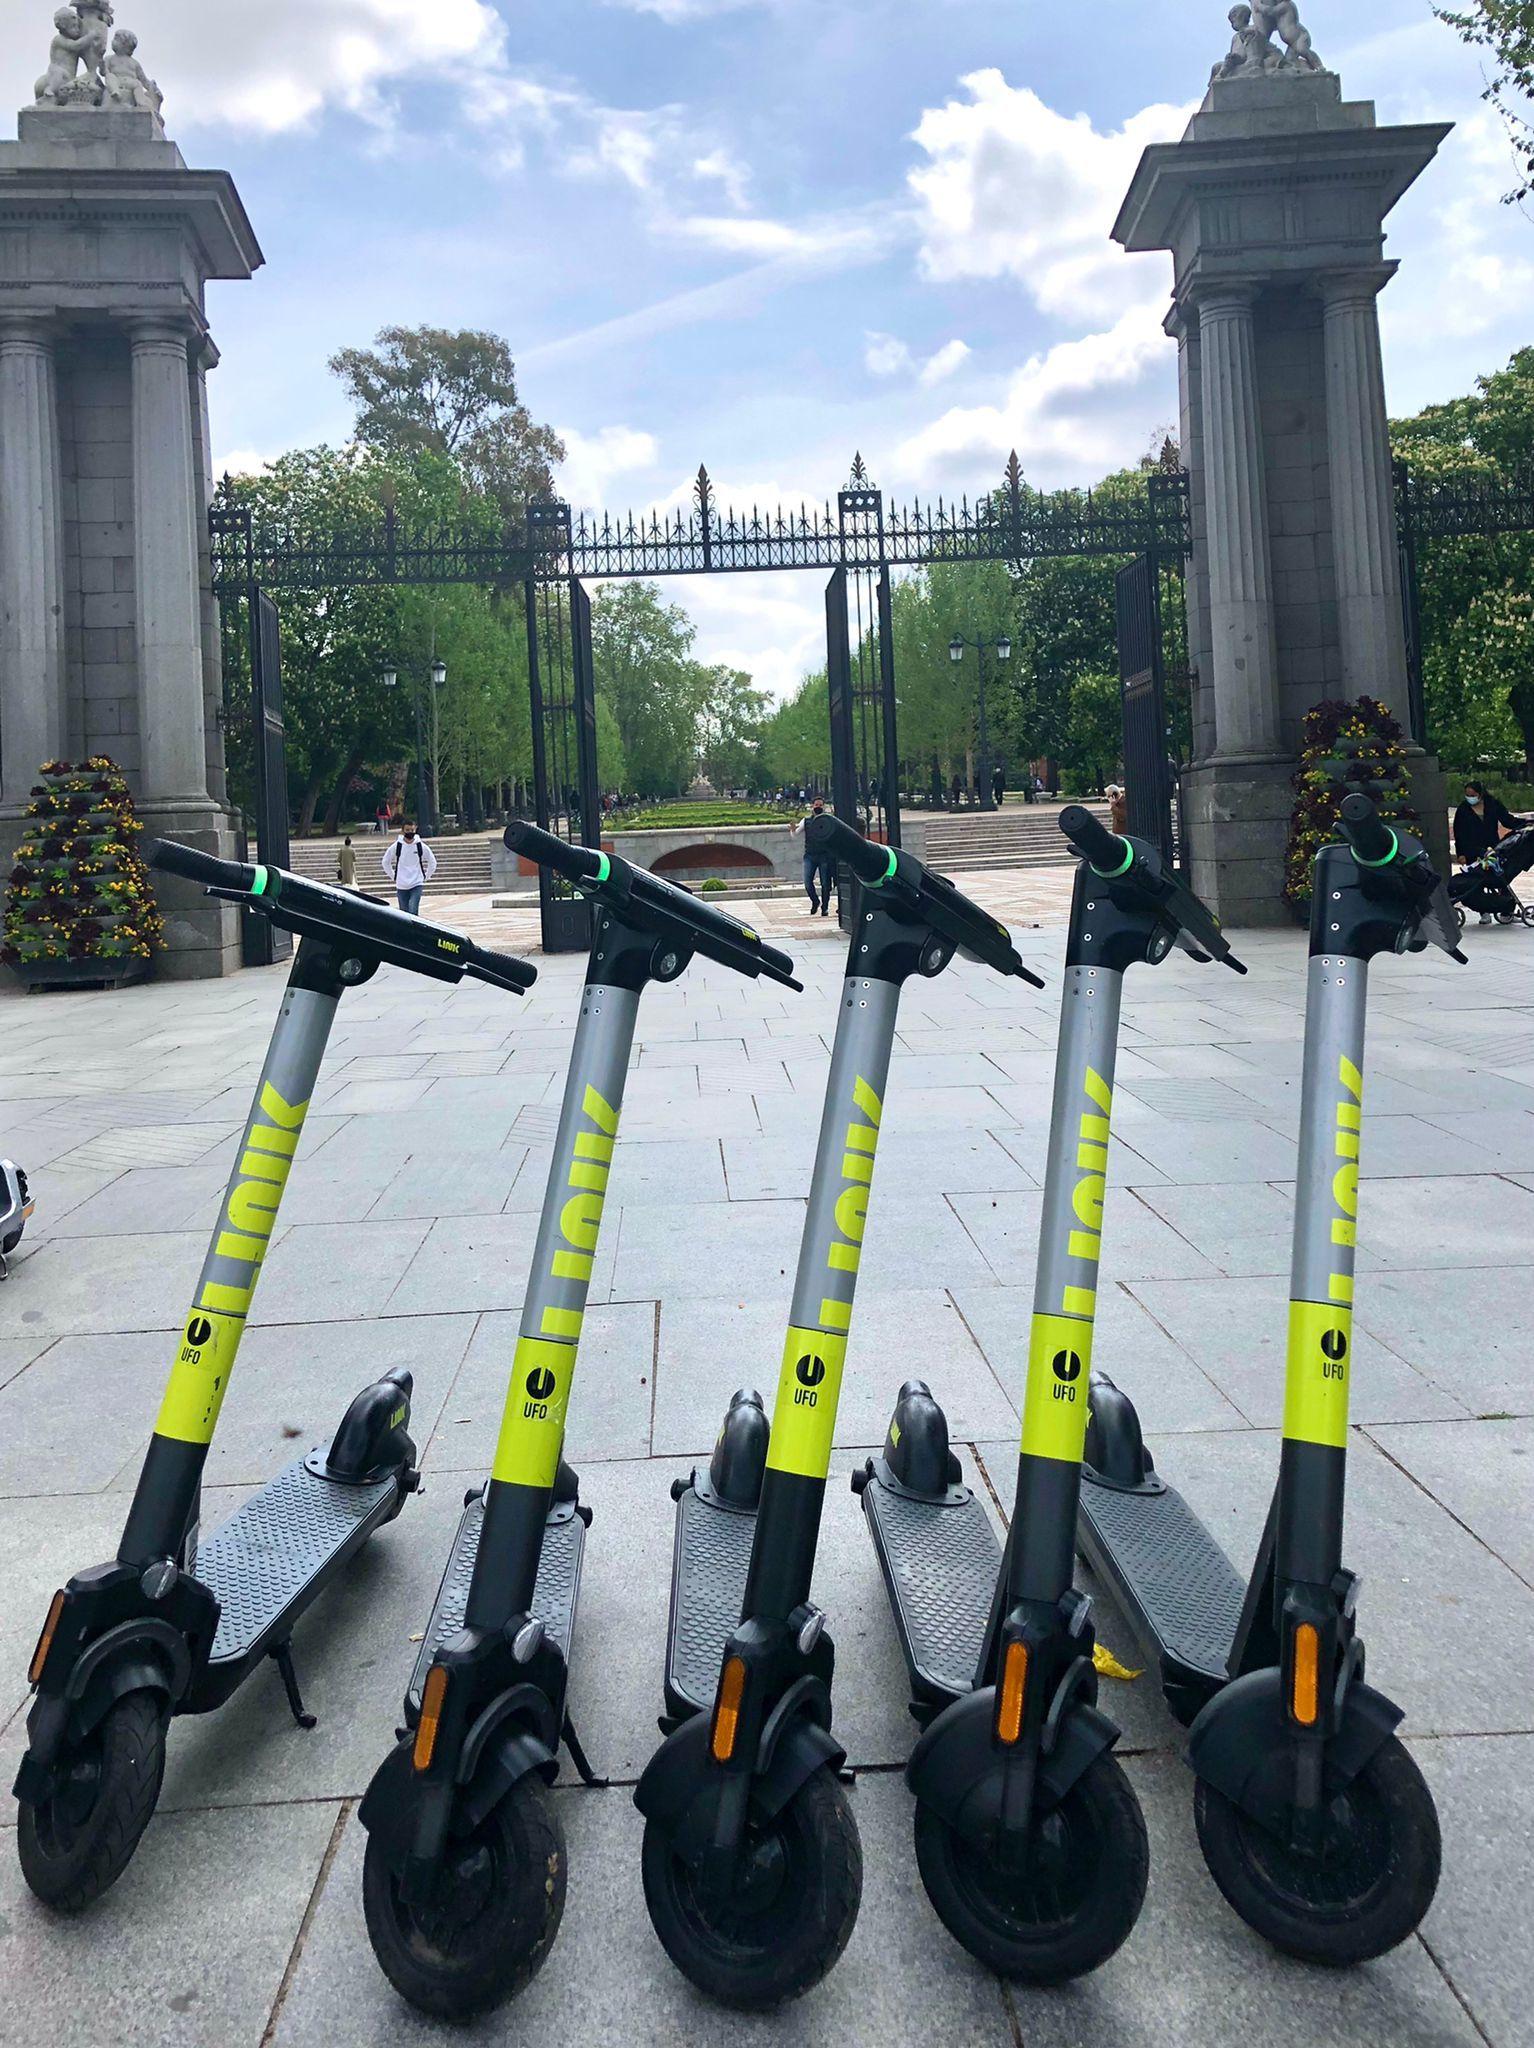 Varios de los patinetes Link aparcados frente una entrada del parque de El Retiro